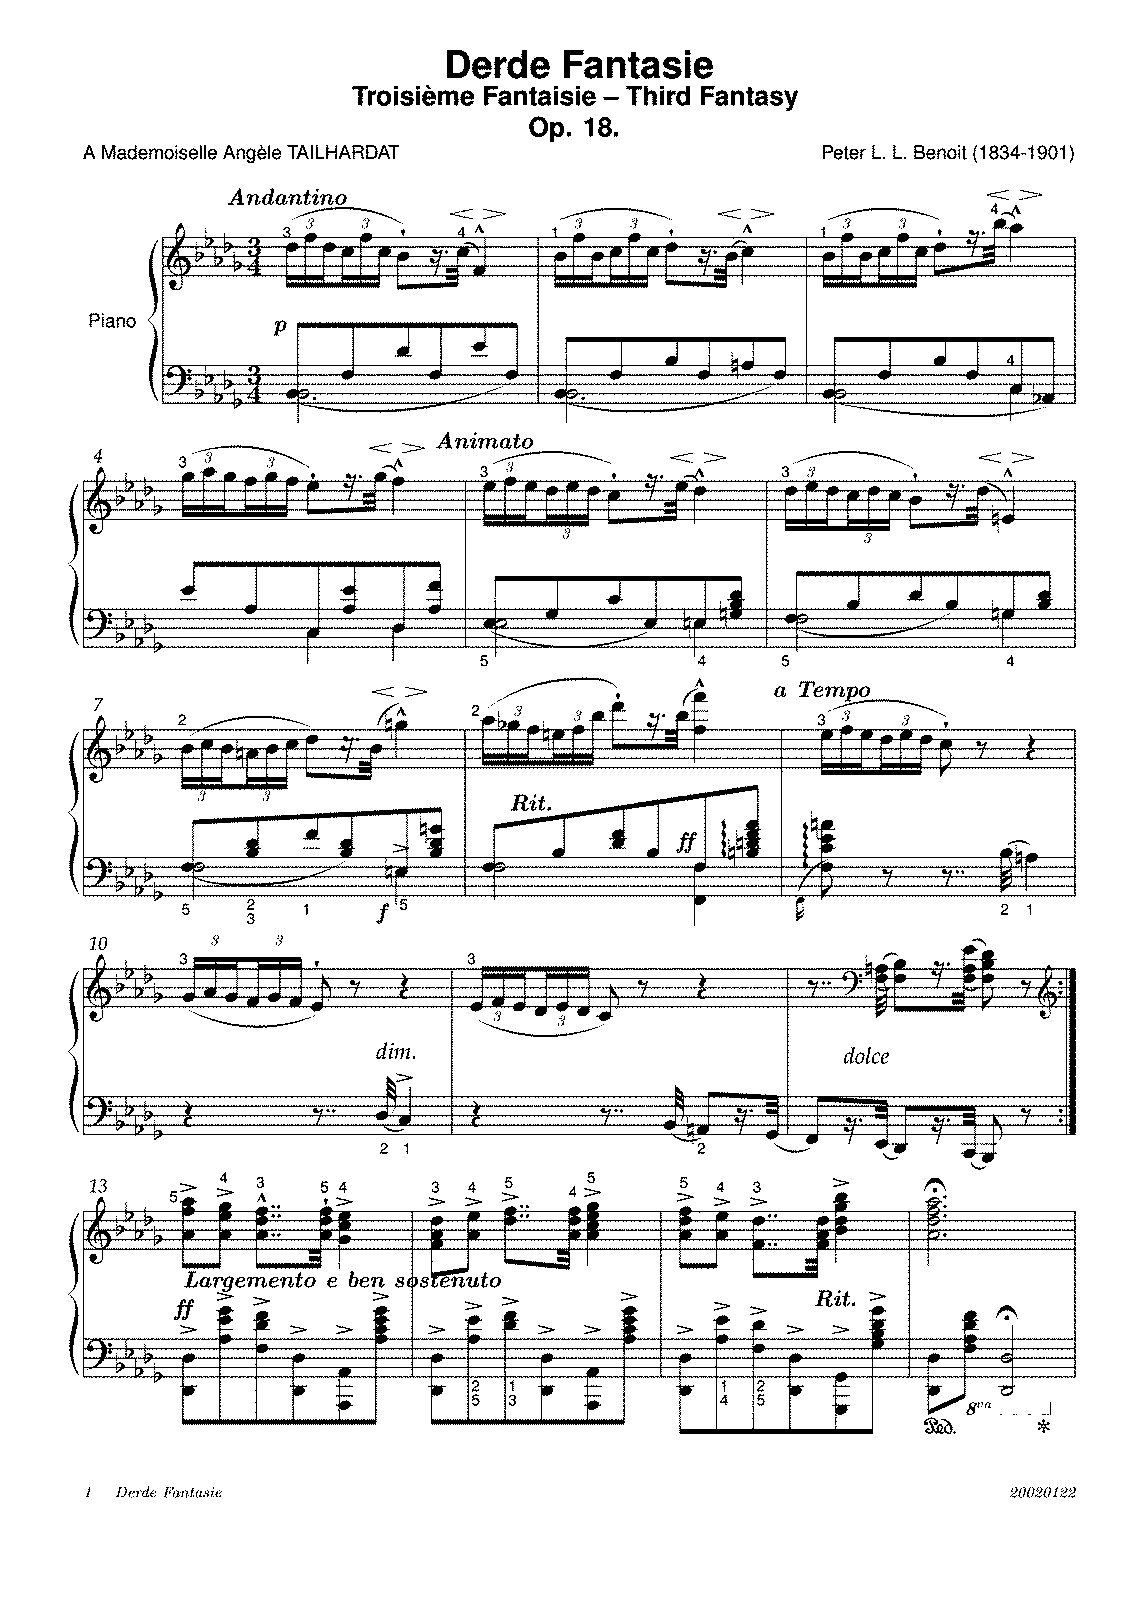 Fantaisie no3 op18 benoit peter imslppetrucci music sheet music hexwebz Gallery